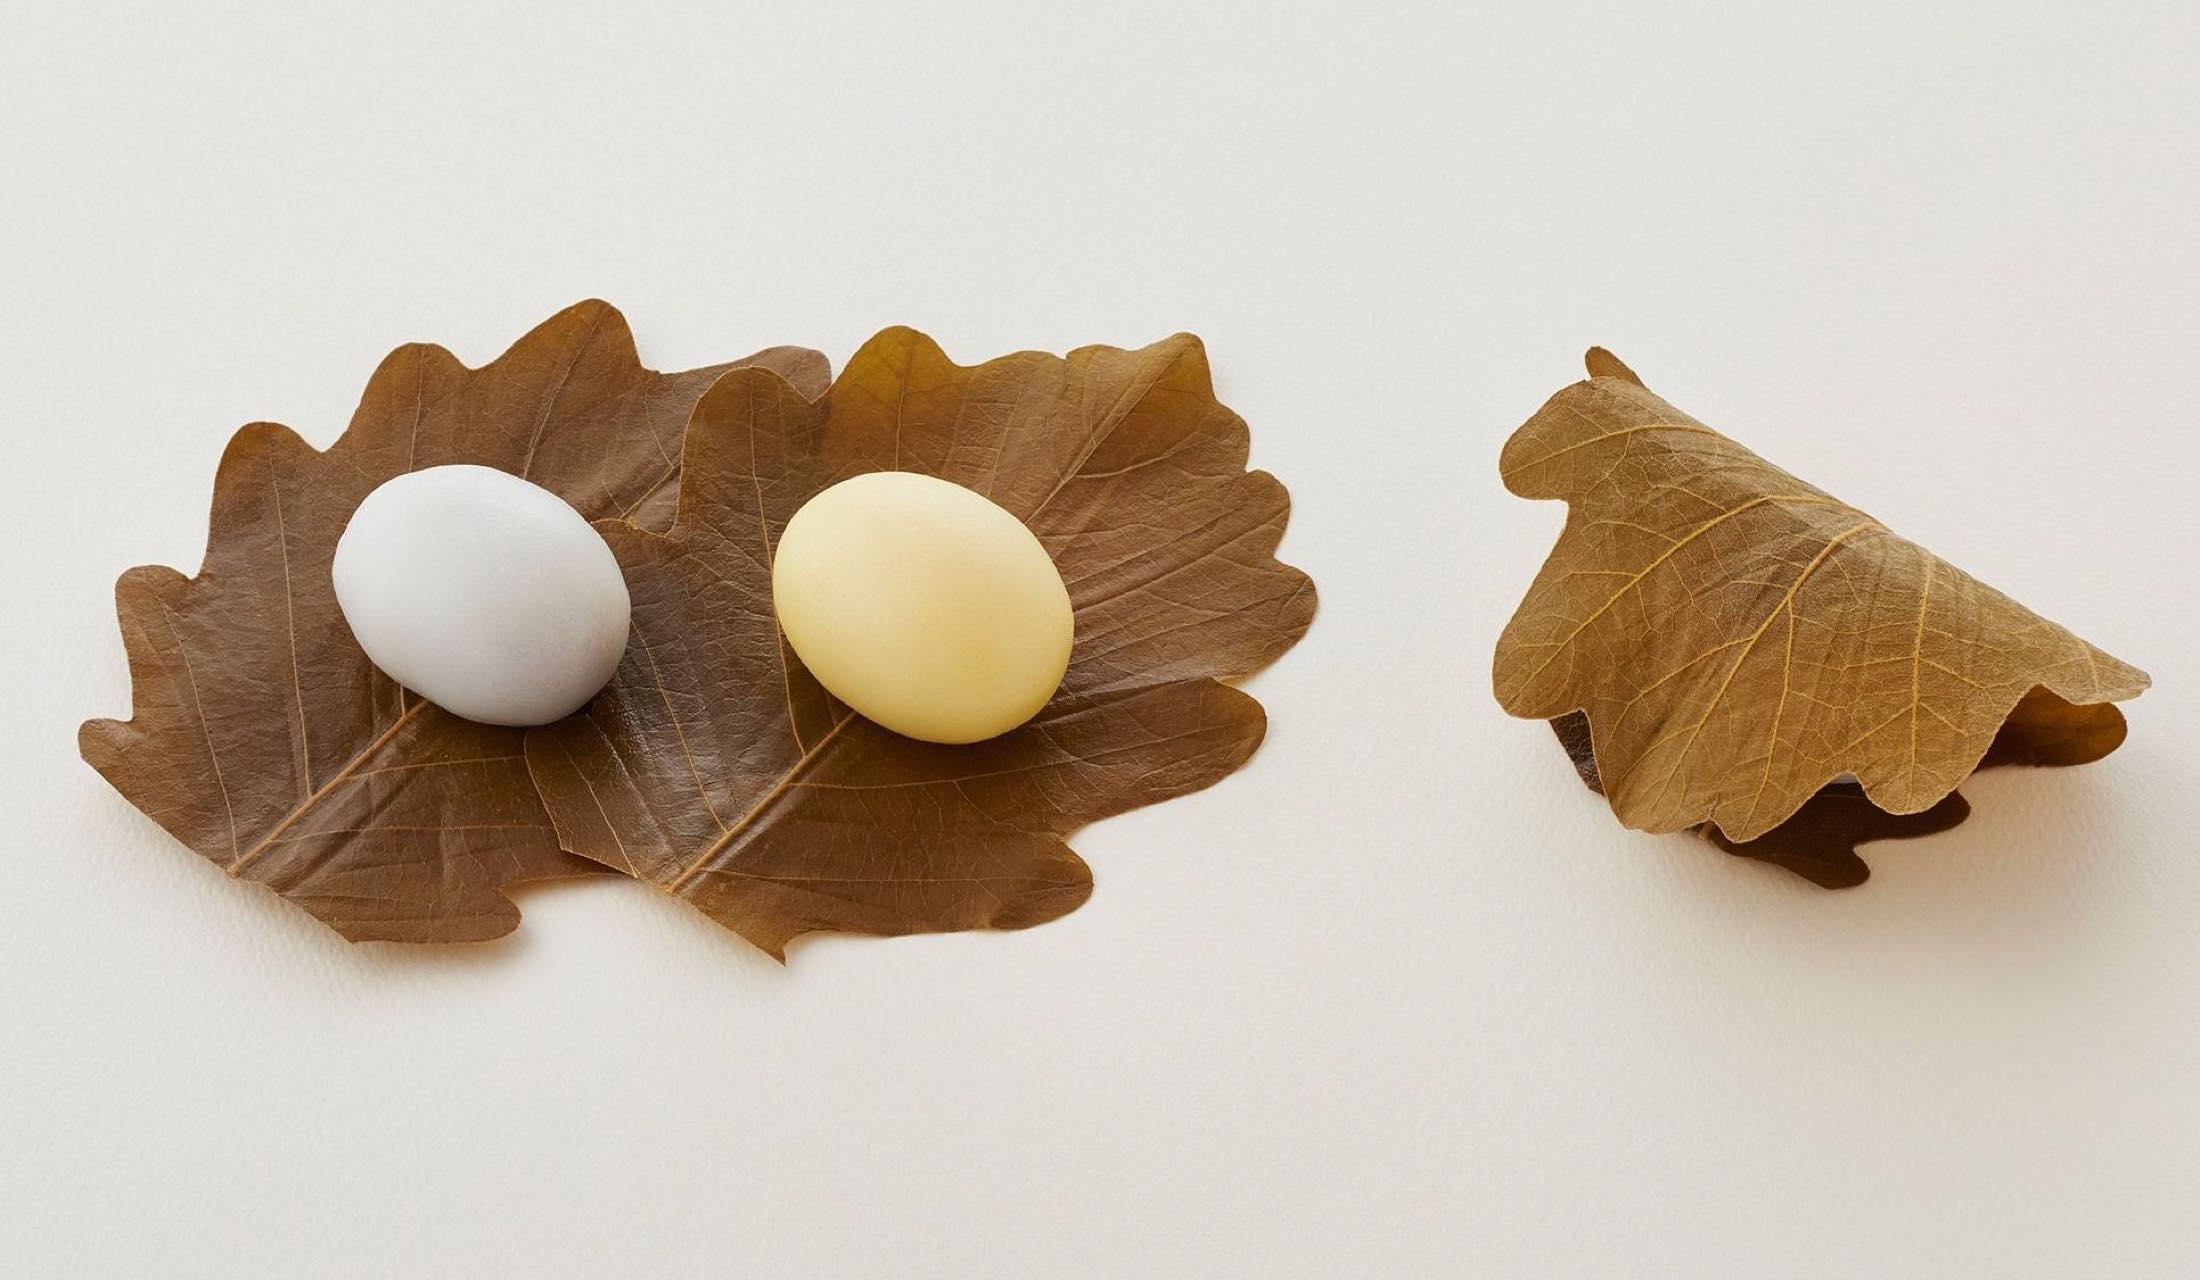 和菓子の老舗「とらや」が5月1日から発売する「羊羹粽」「水仙粽」「白下糖入外良粽」が並べられている